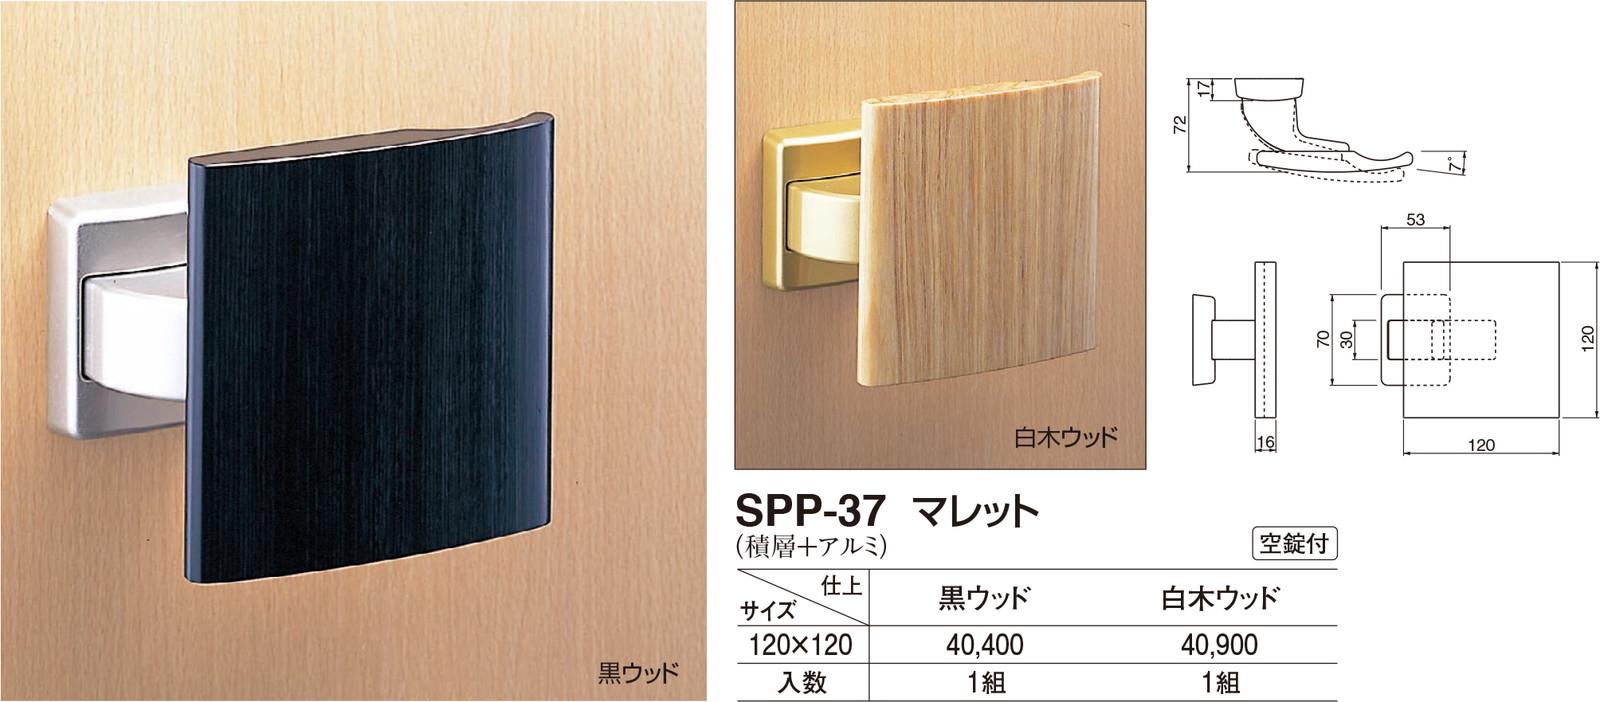 【シロクマ】マレット SPP-37 白木ウッド